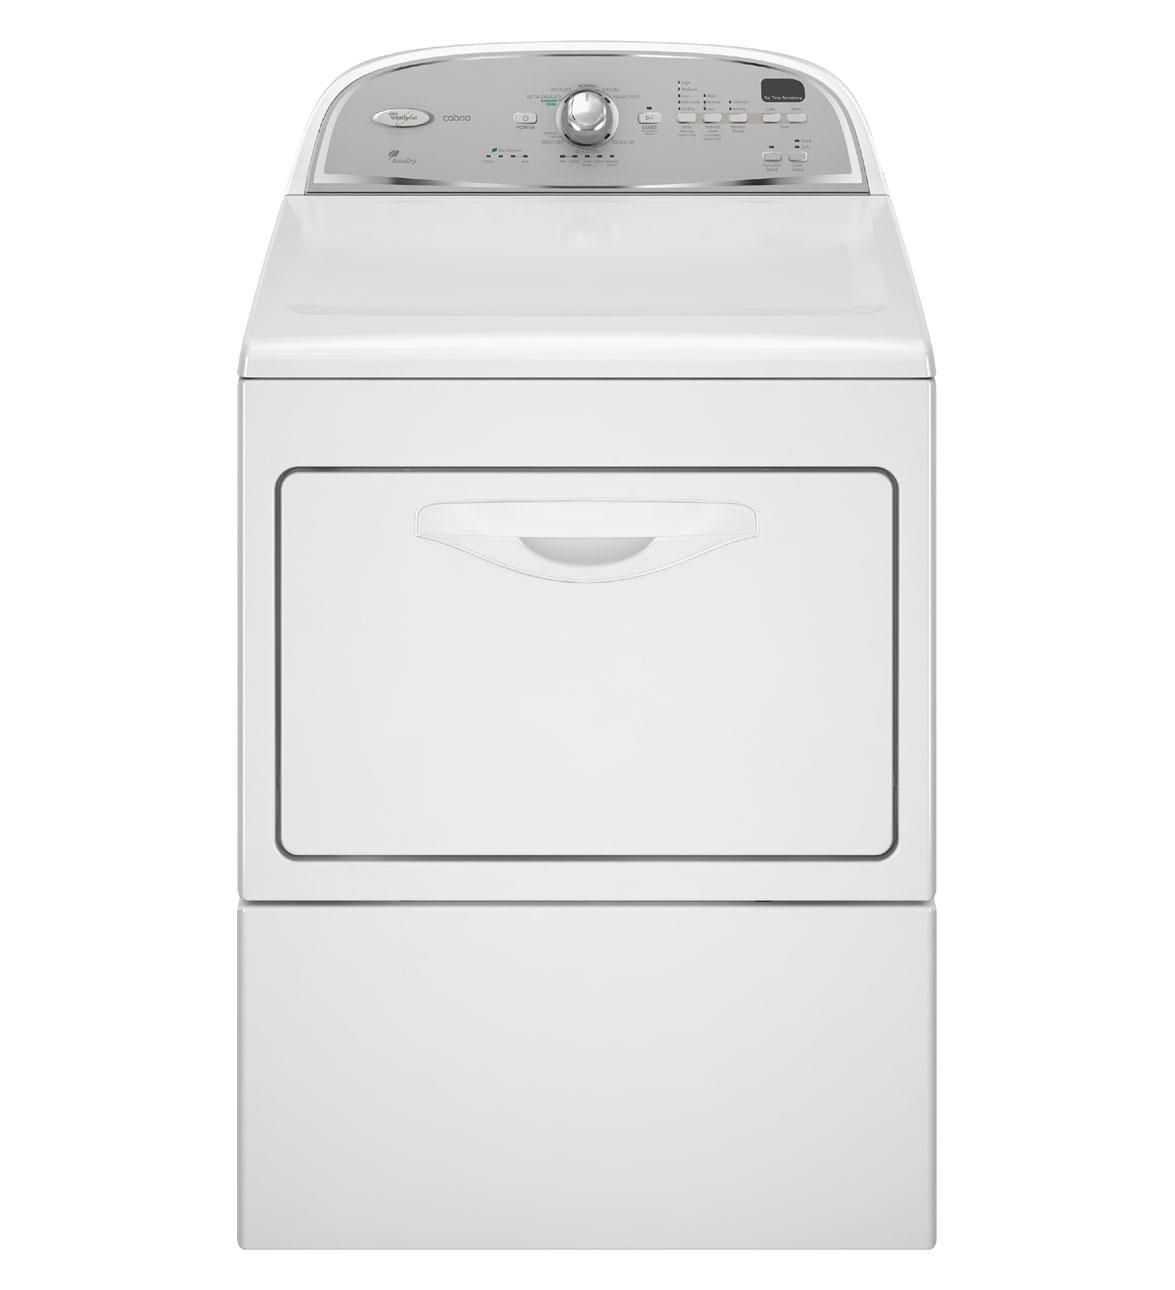 Whirlpool_Standard_Heavy_Duty_Dryer.jpg